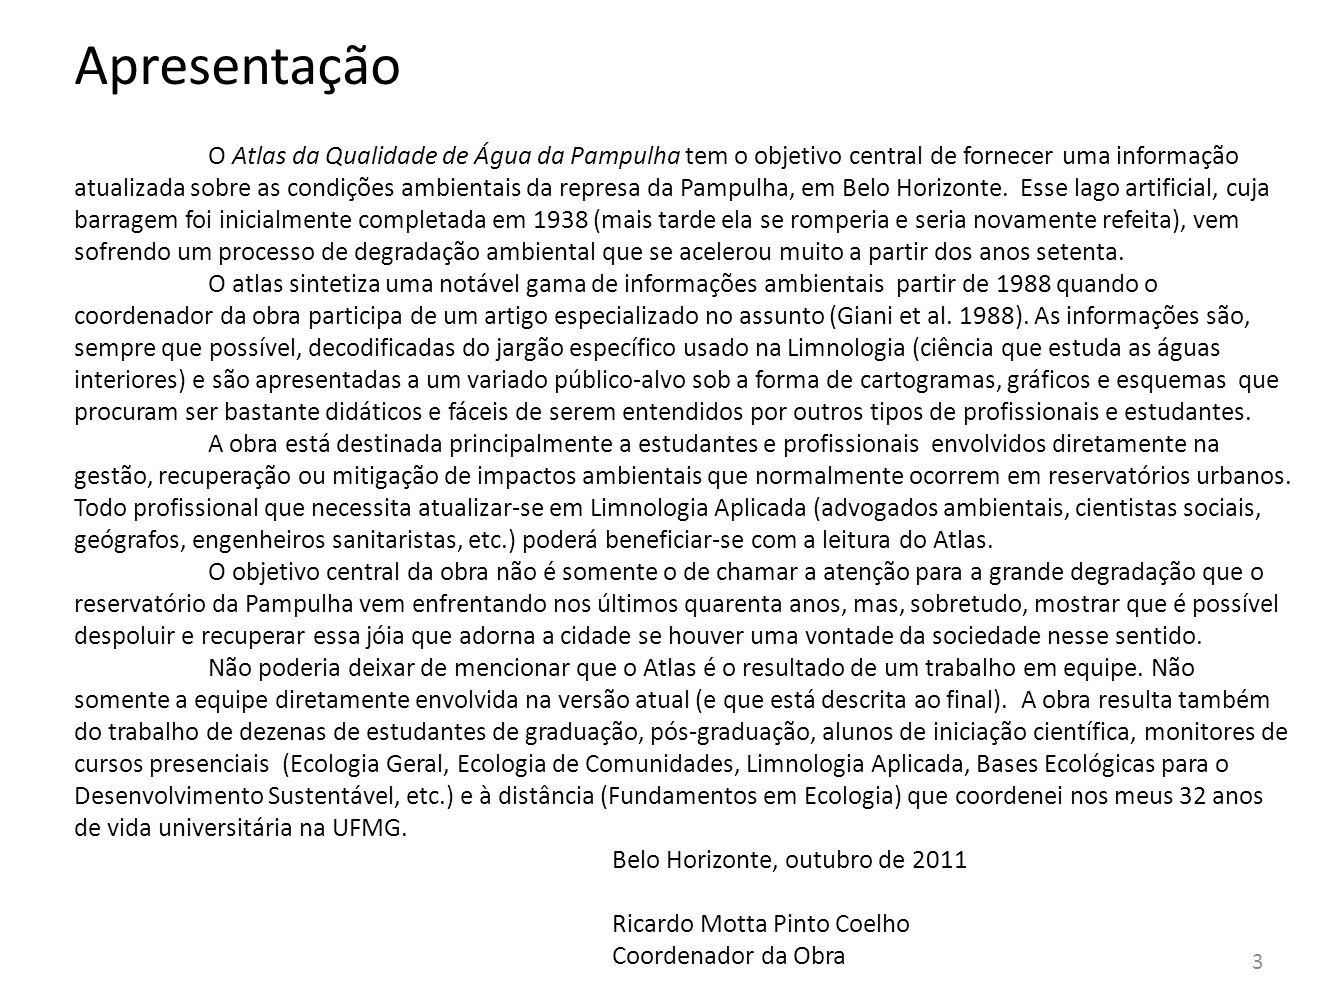 4 História da Pampulha A represa da Pampulha foi construída na administração do prefeito Octacílio Negrão de Lima sendo inaugurada em 1938.